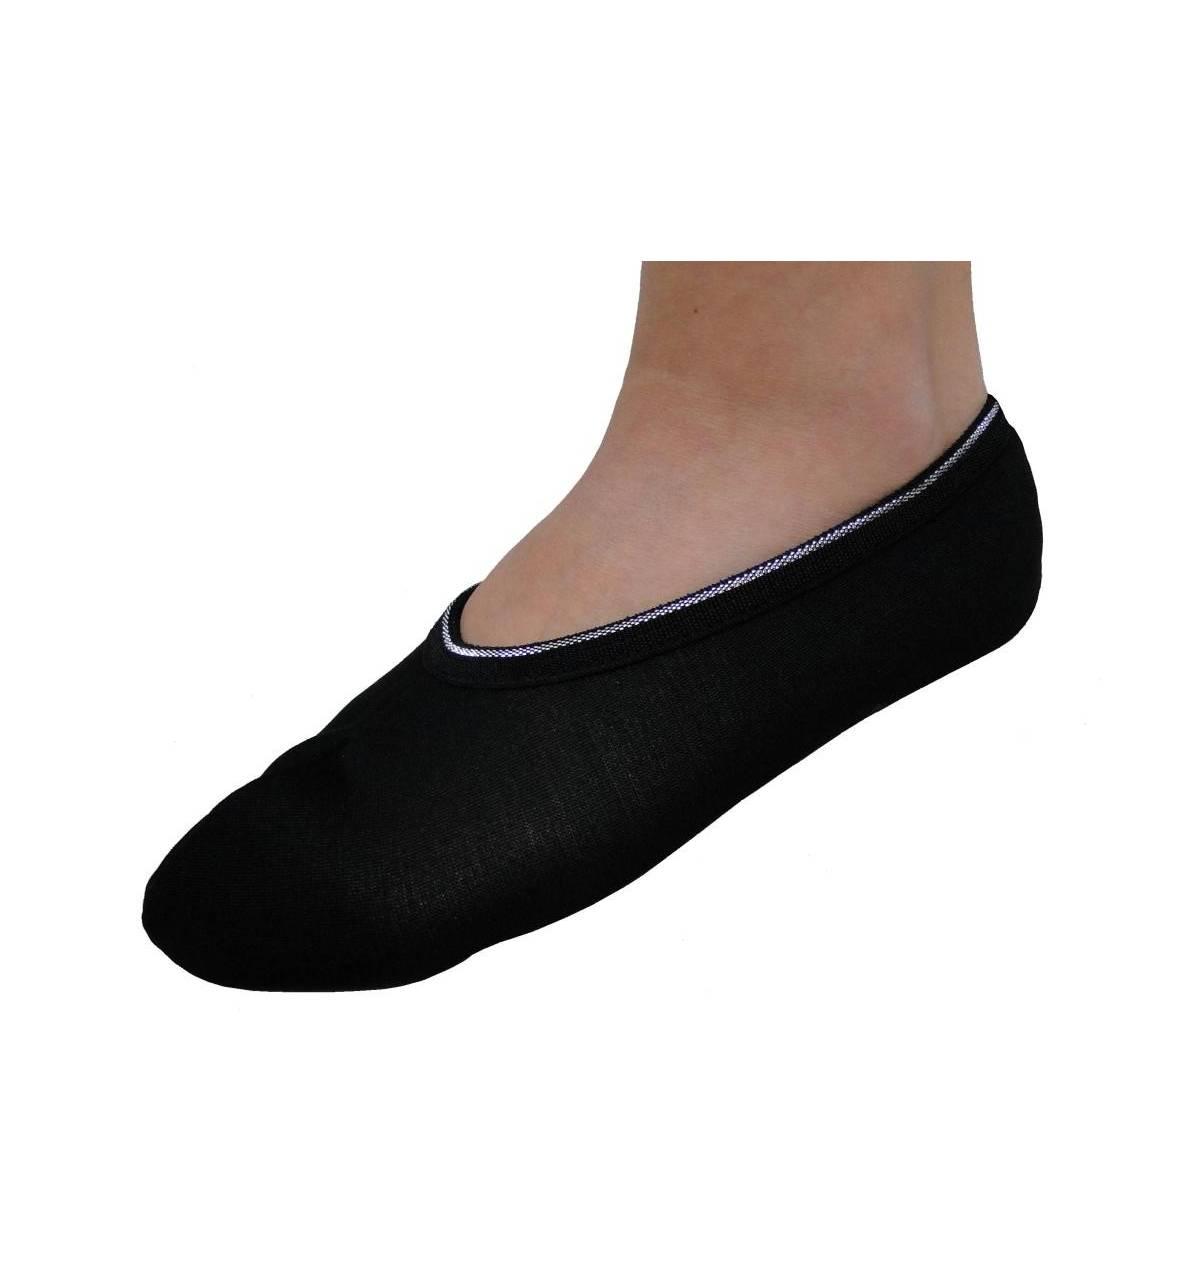 chausson sur chaussette bismillah boutique. Black Bedroom Furniture Sets. Home Design Ideas